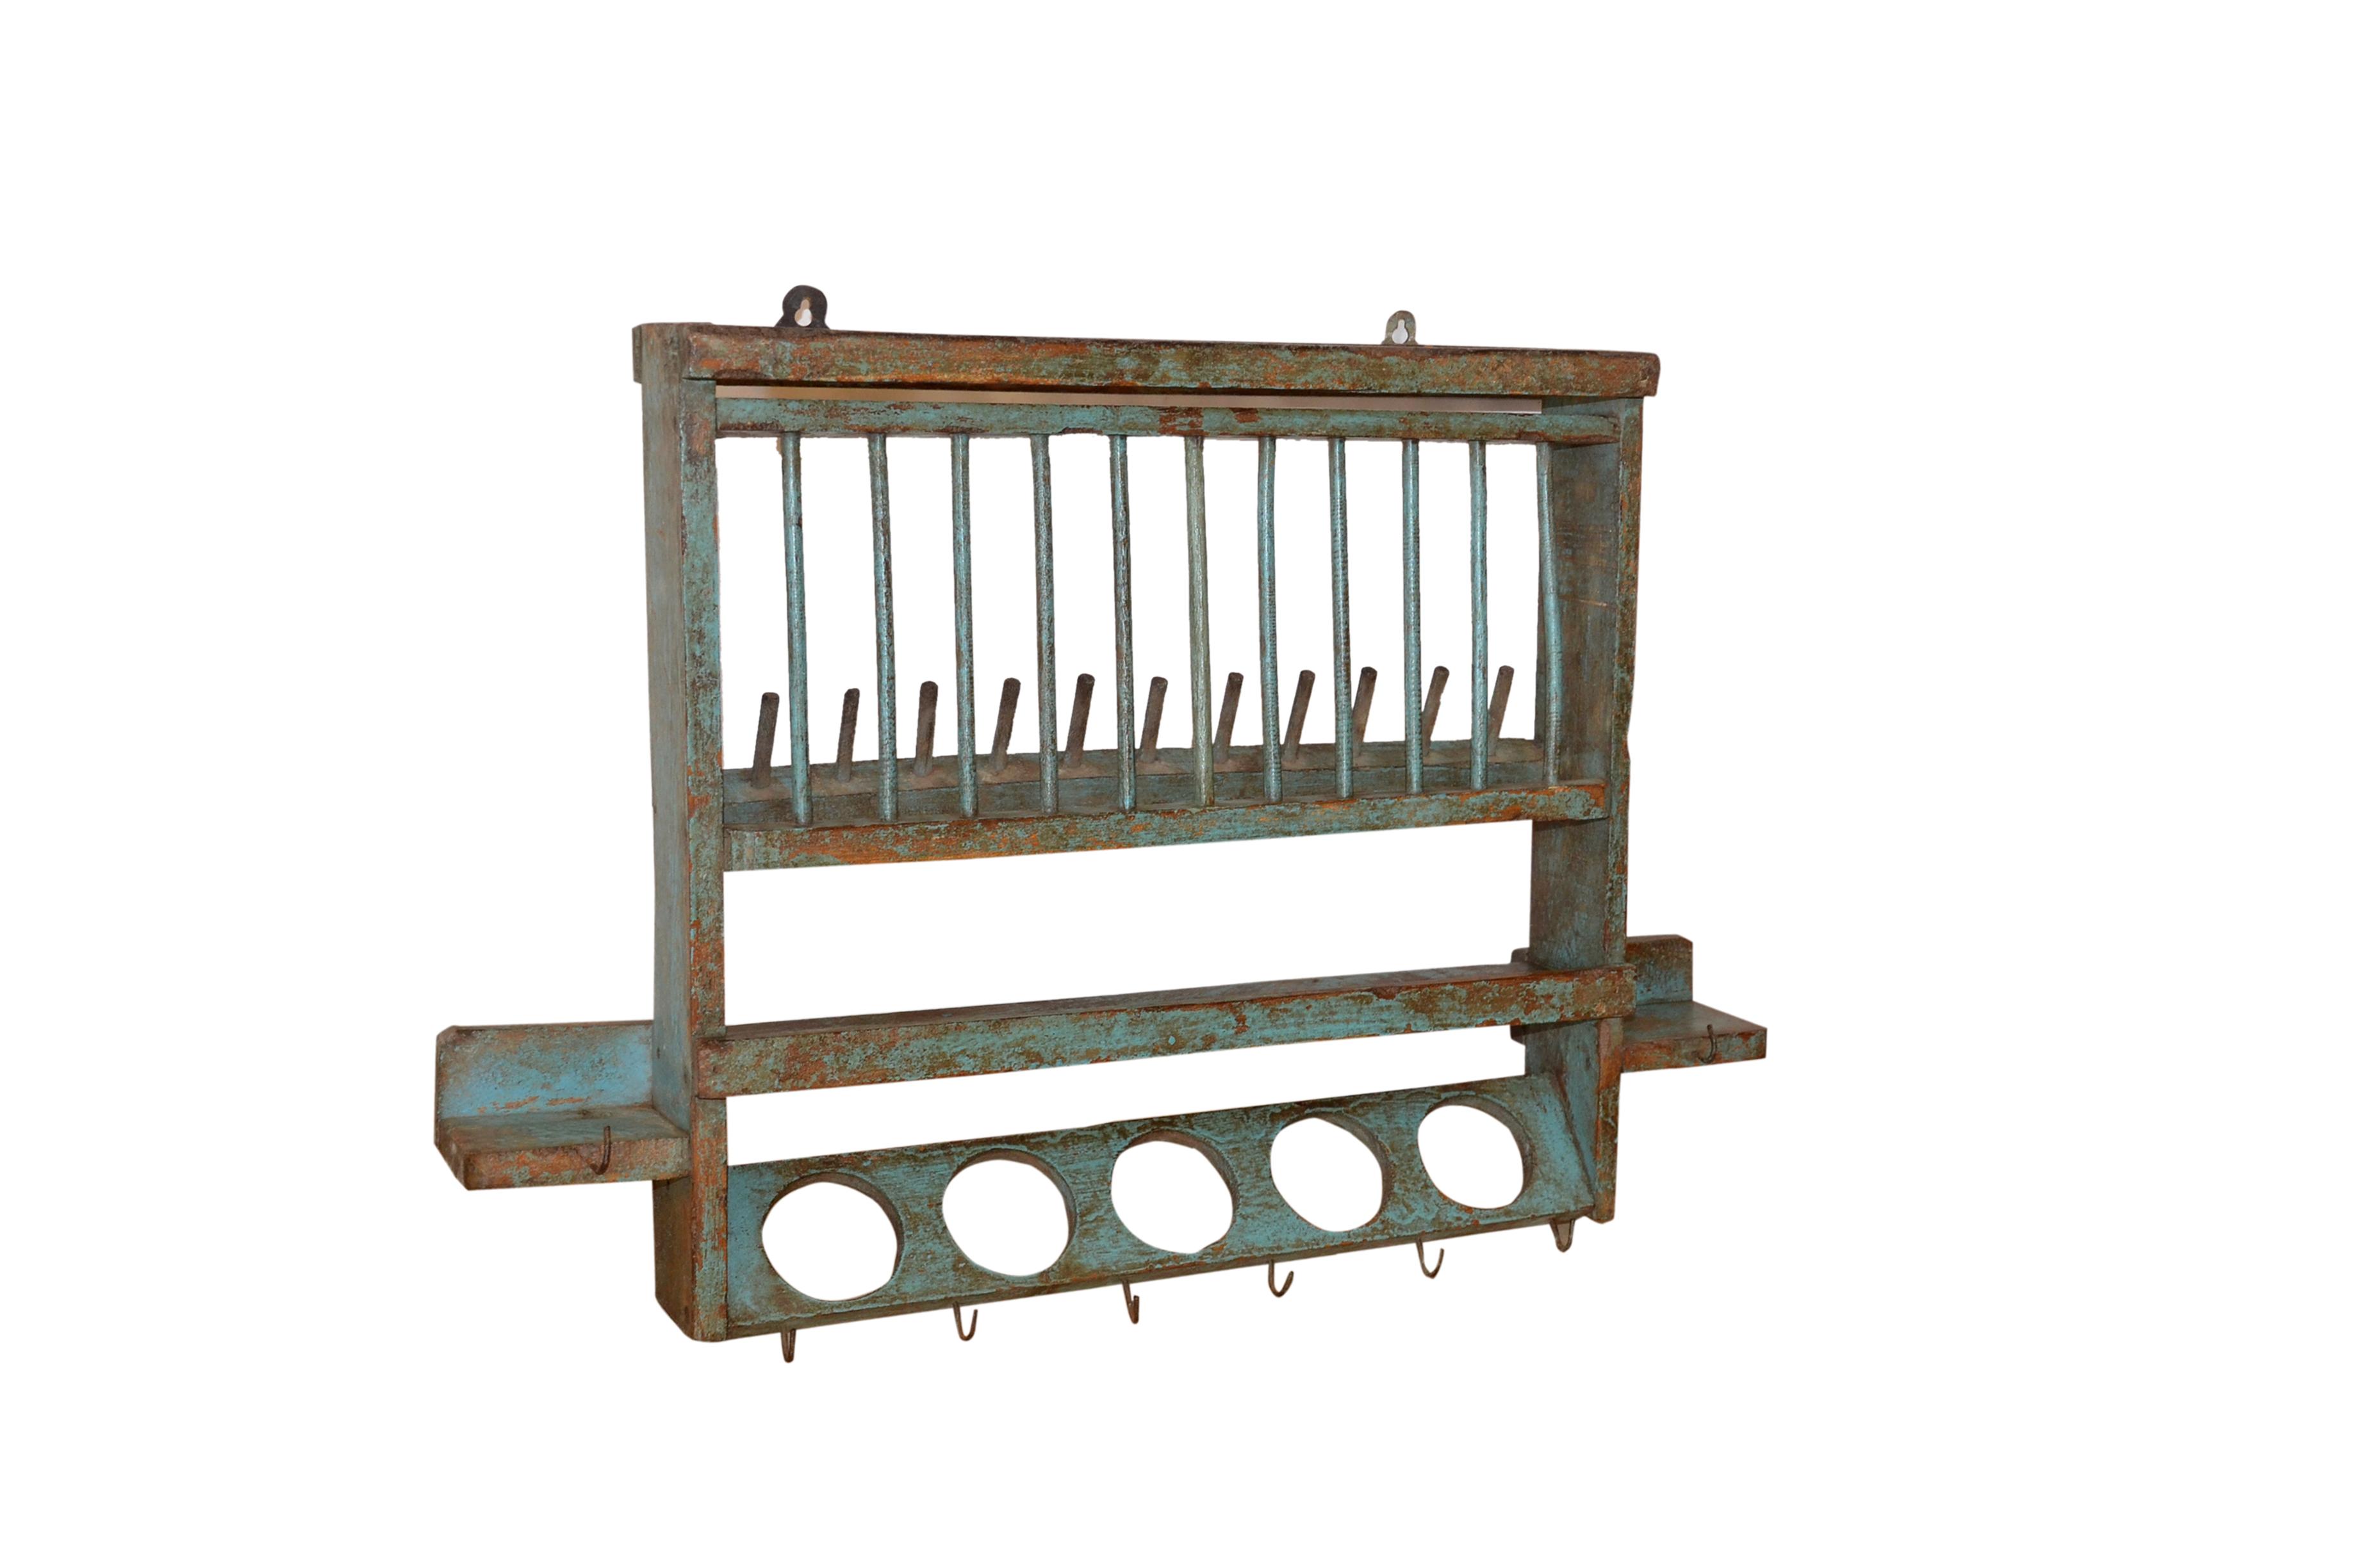 ANJO1010 - 62 x 10 x 40 cm